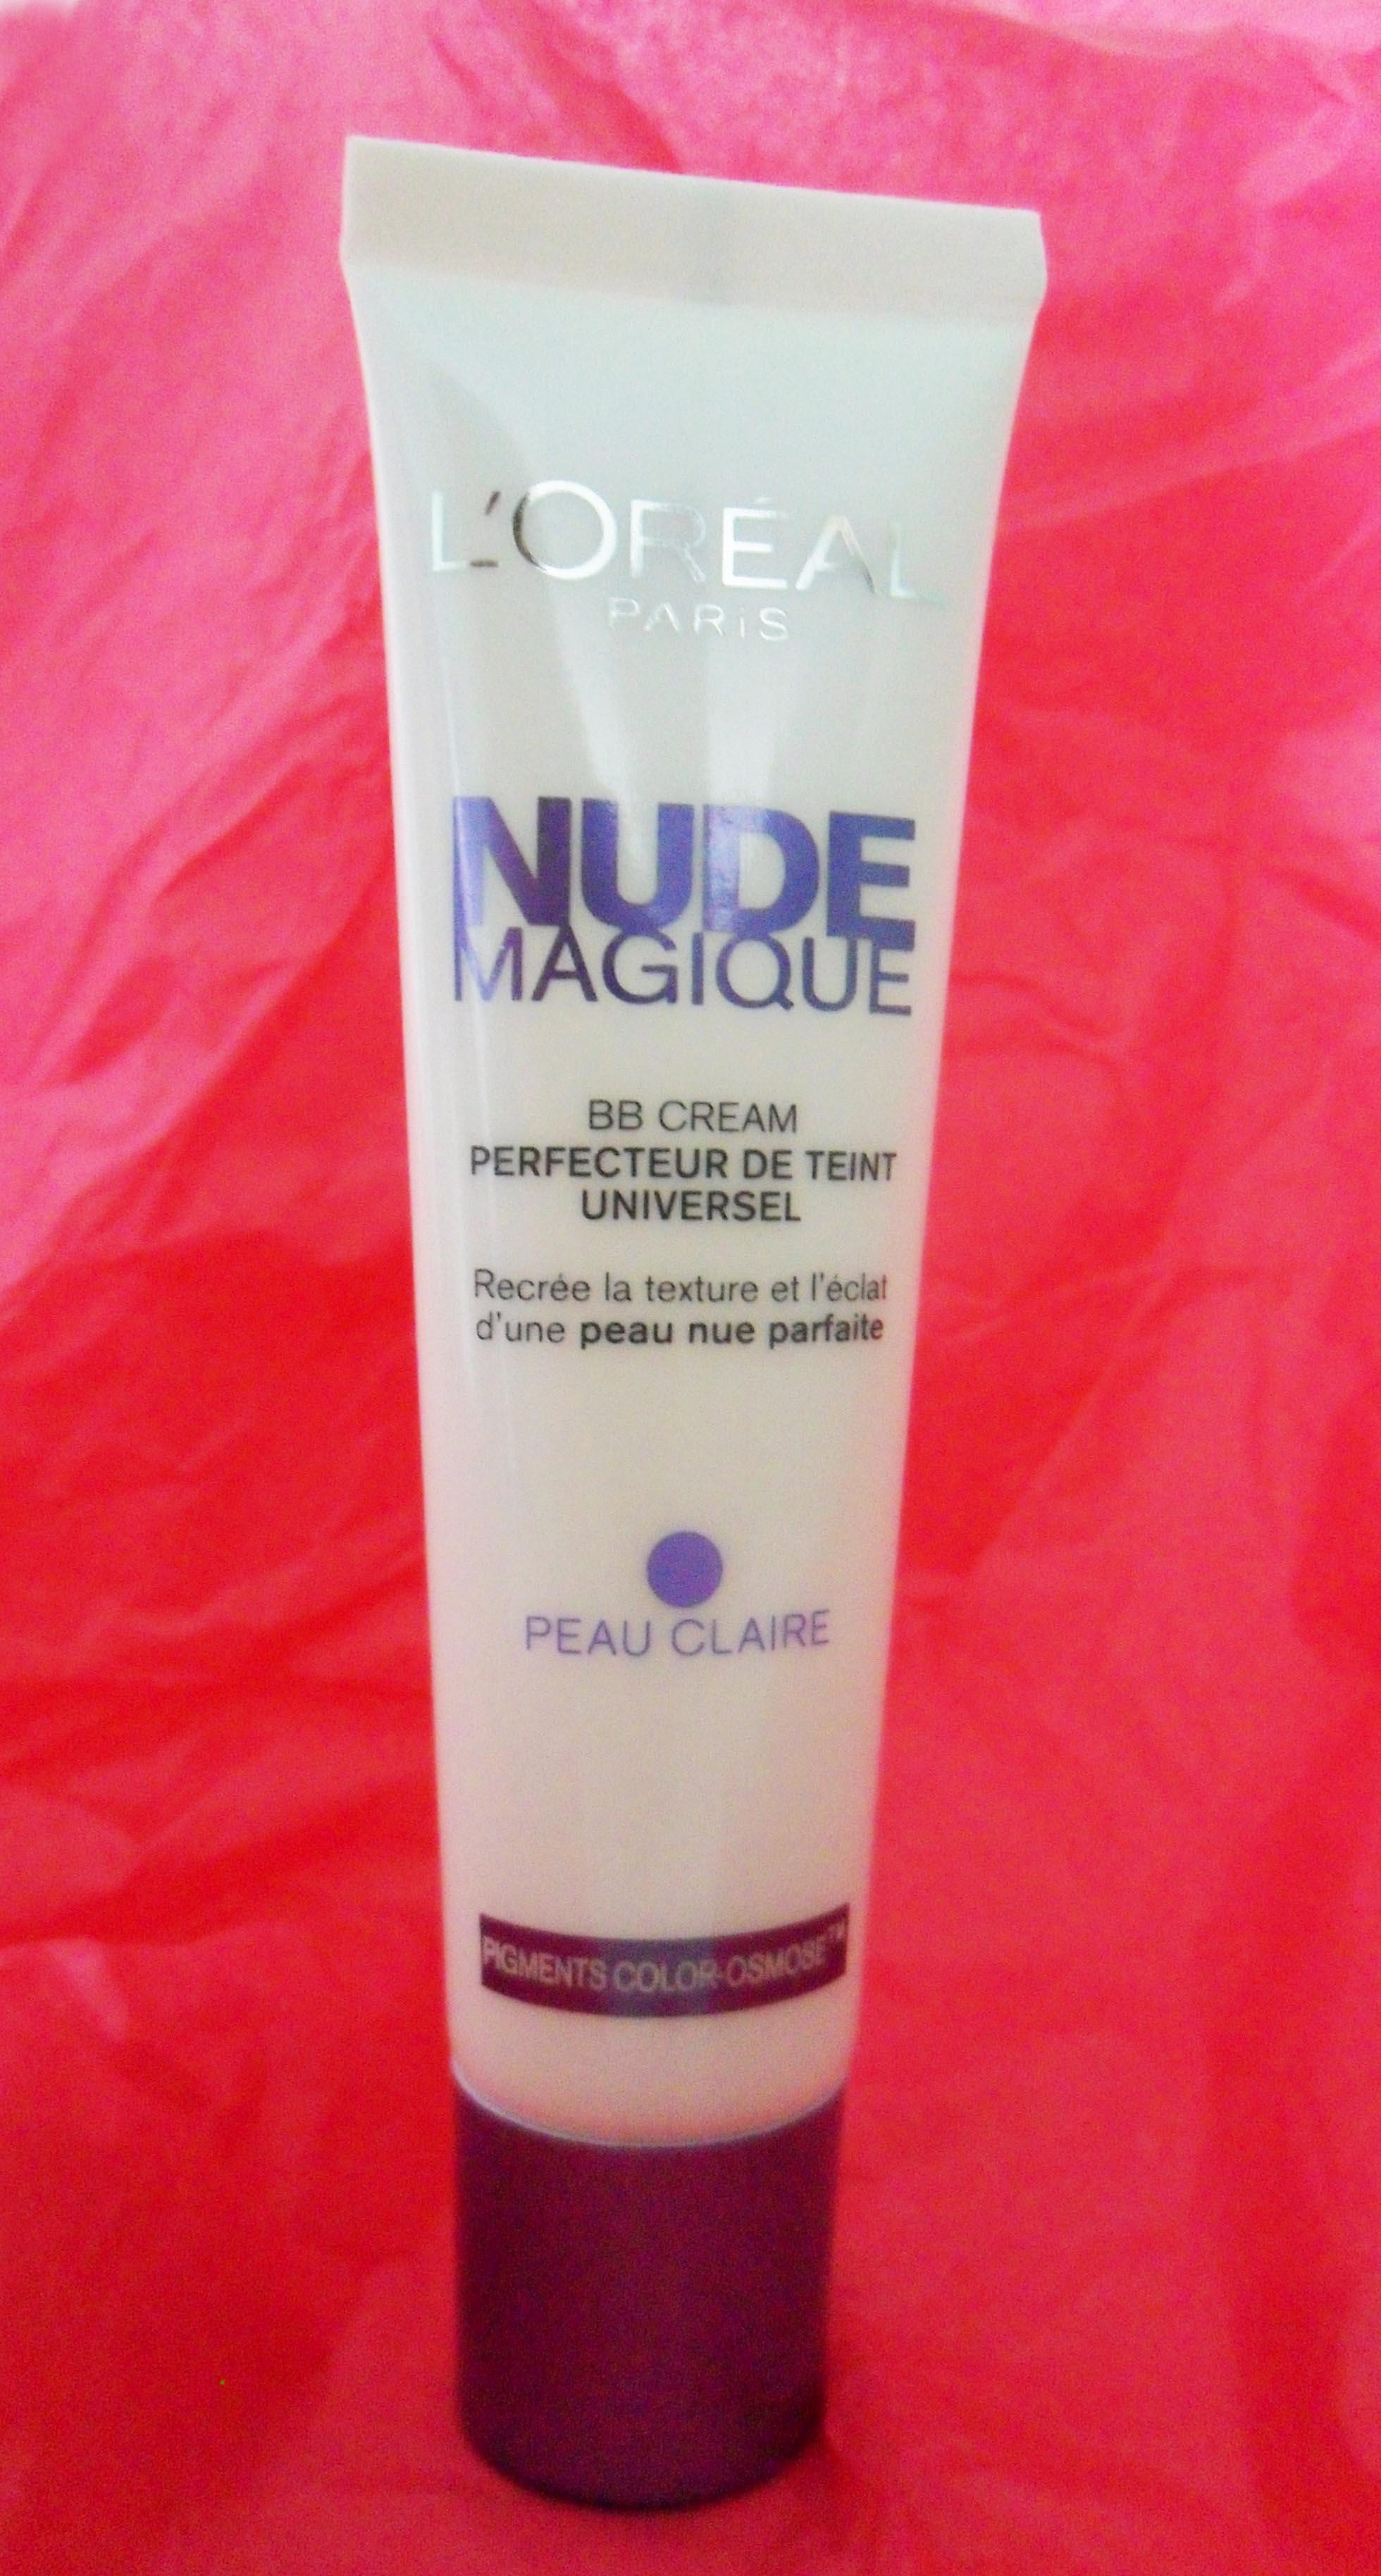 LOréal Paris Nude Magique BB Cream ,Peau Claire à Médium